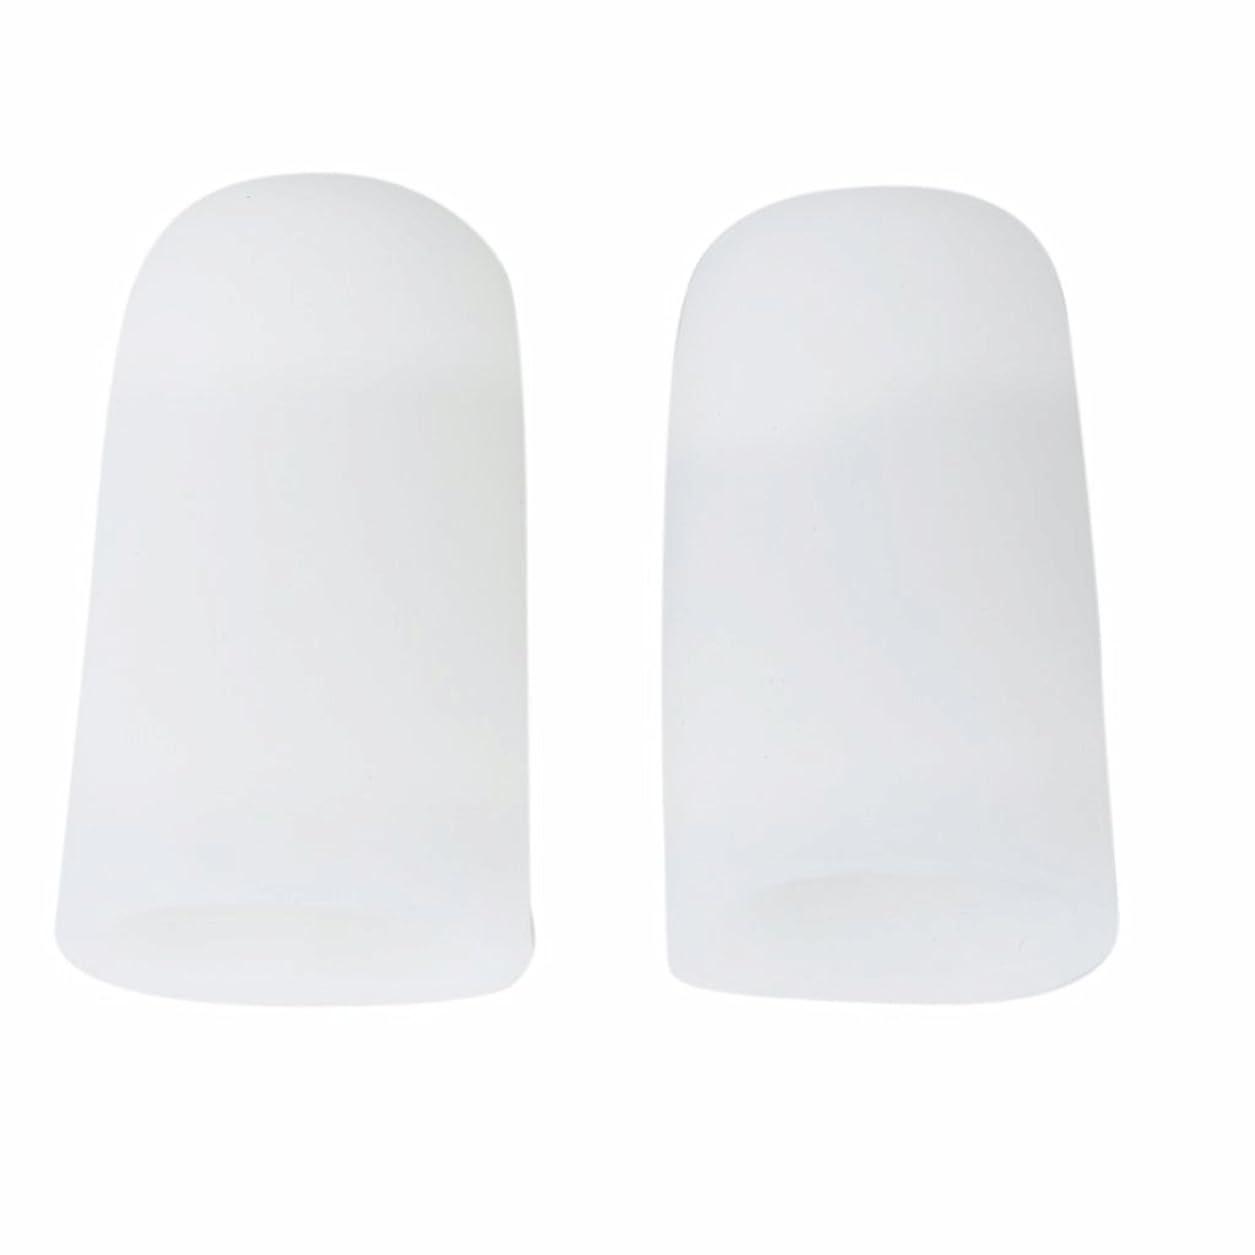 そこから鈍い動揺させるAMAA 足指 保護キャップ つま先 プロテクター 足先のつめ 保護キャップ シリコン S M Lサイズ 1ペア (M)